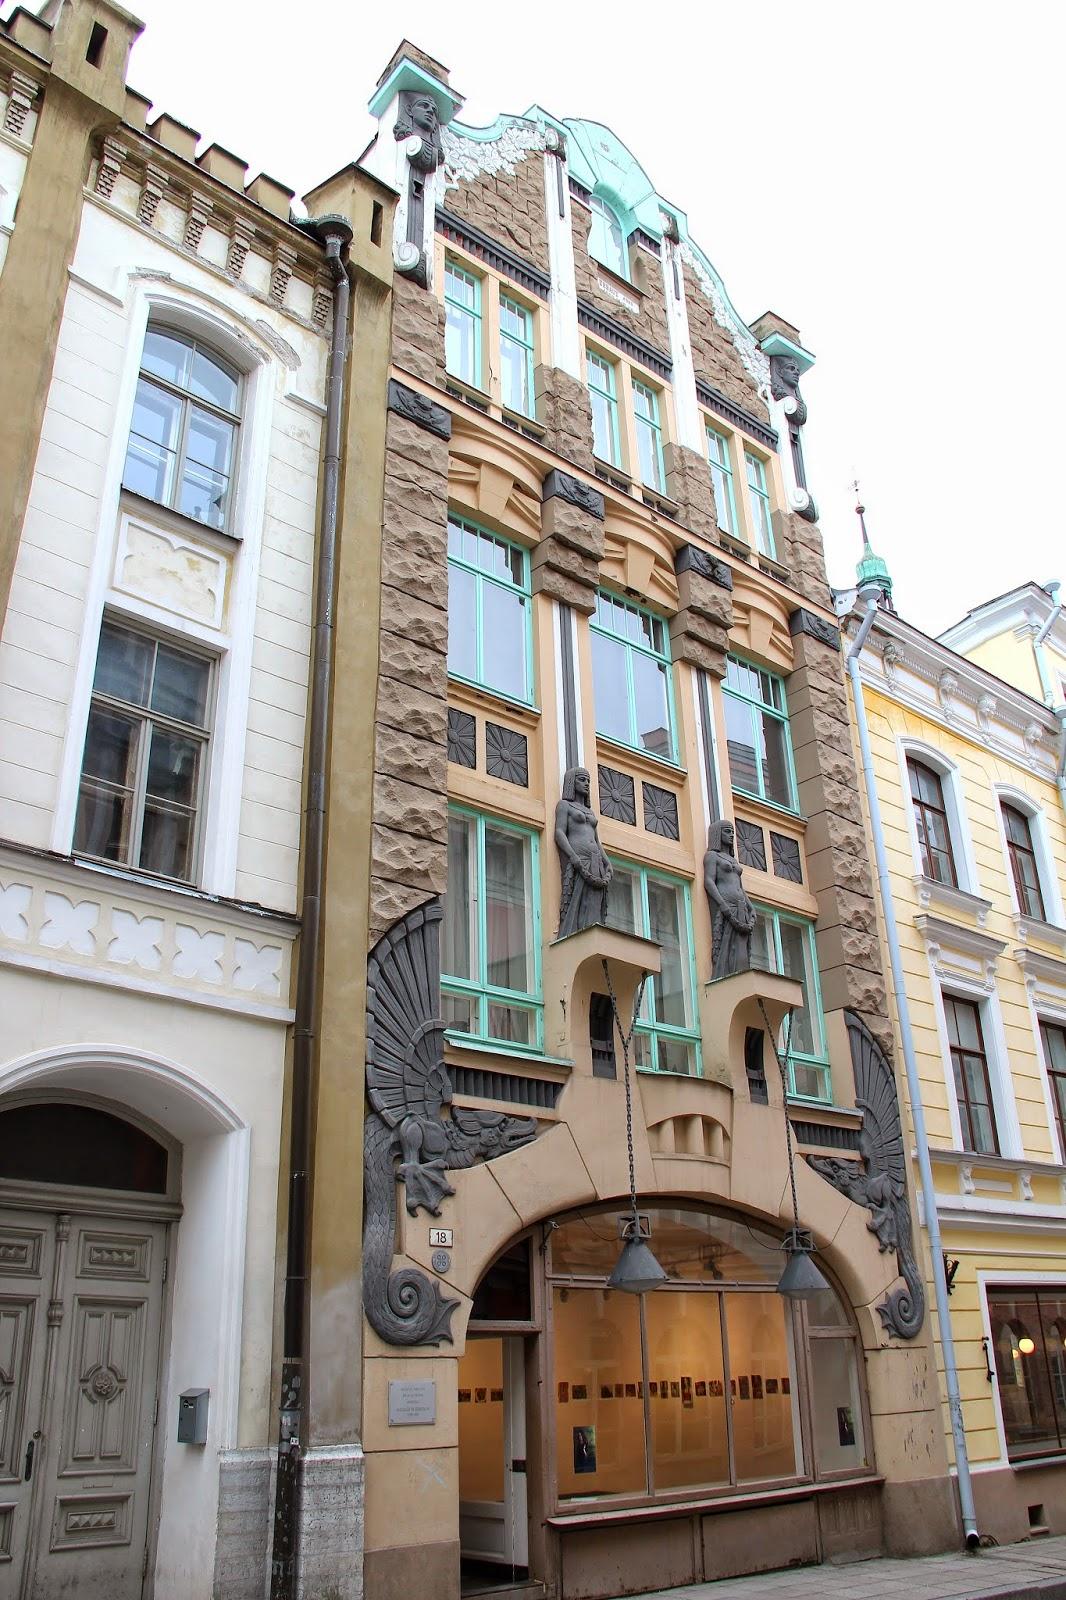 Draakoni Gallery Tallinn Estonia